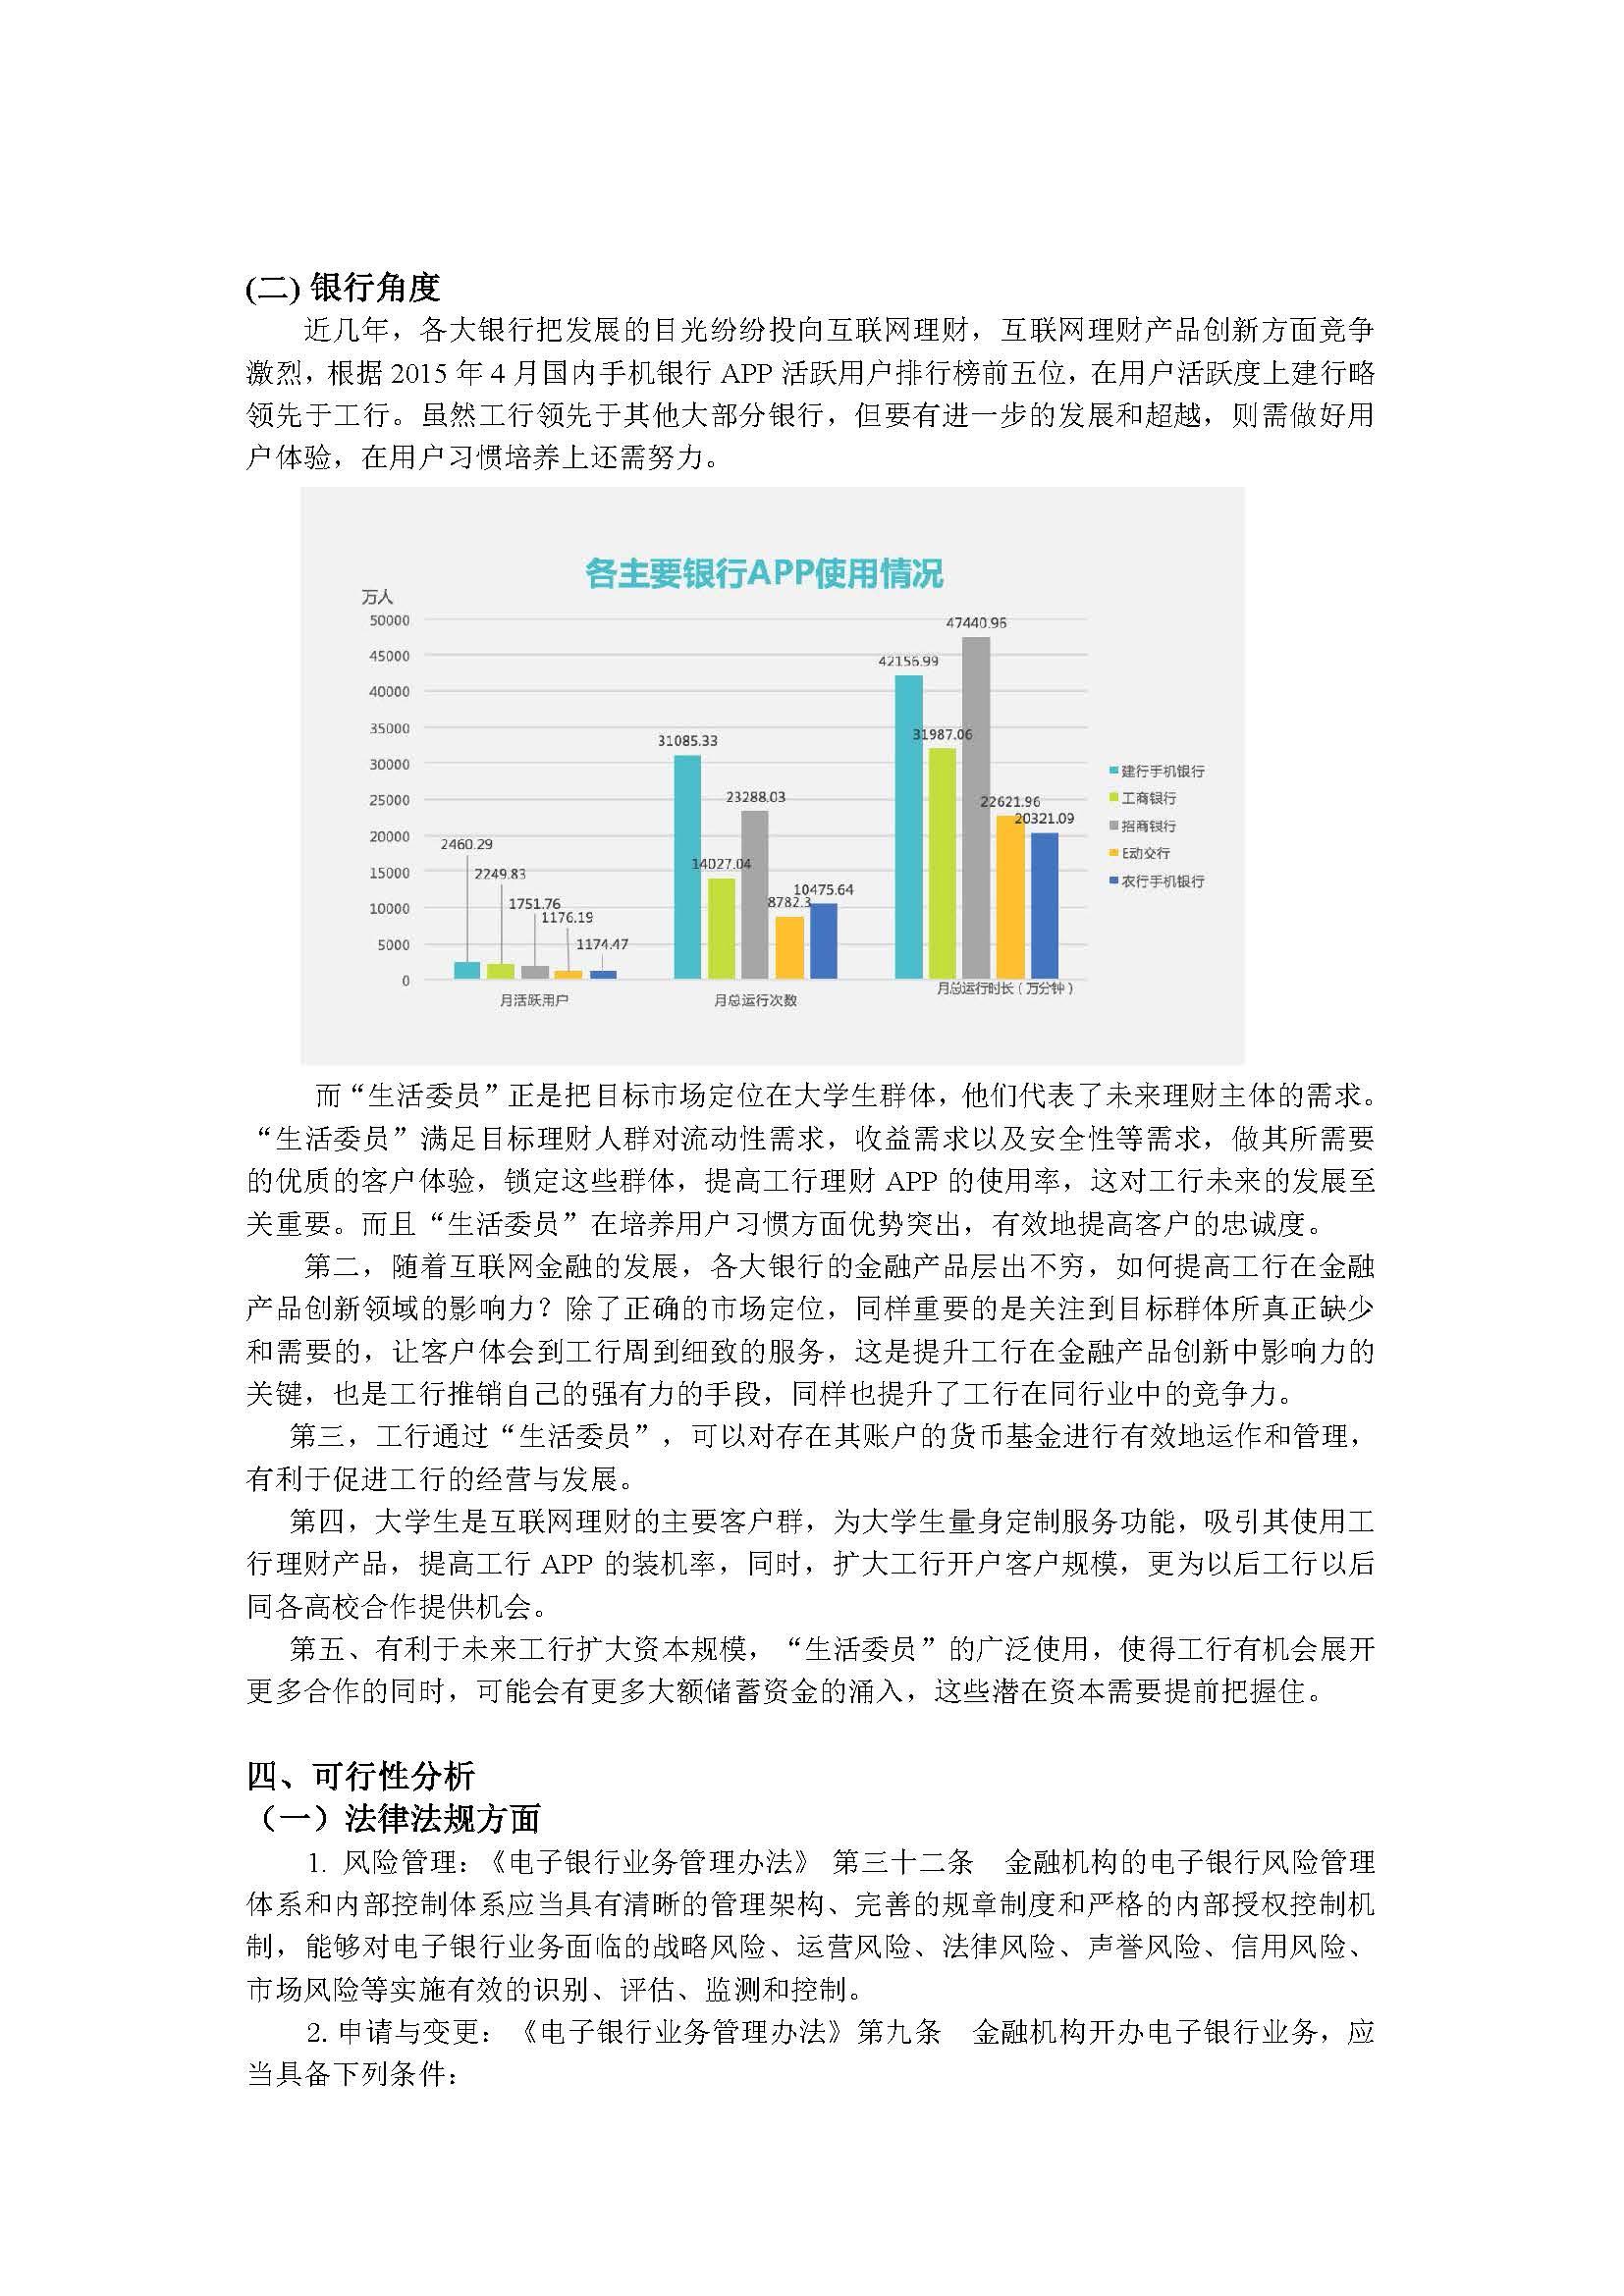 [生活委员]大学生创新创业大赛金融理财项目word创业计划书范文模板-undefined